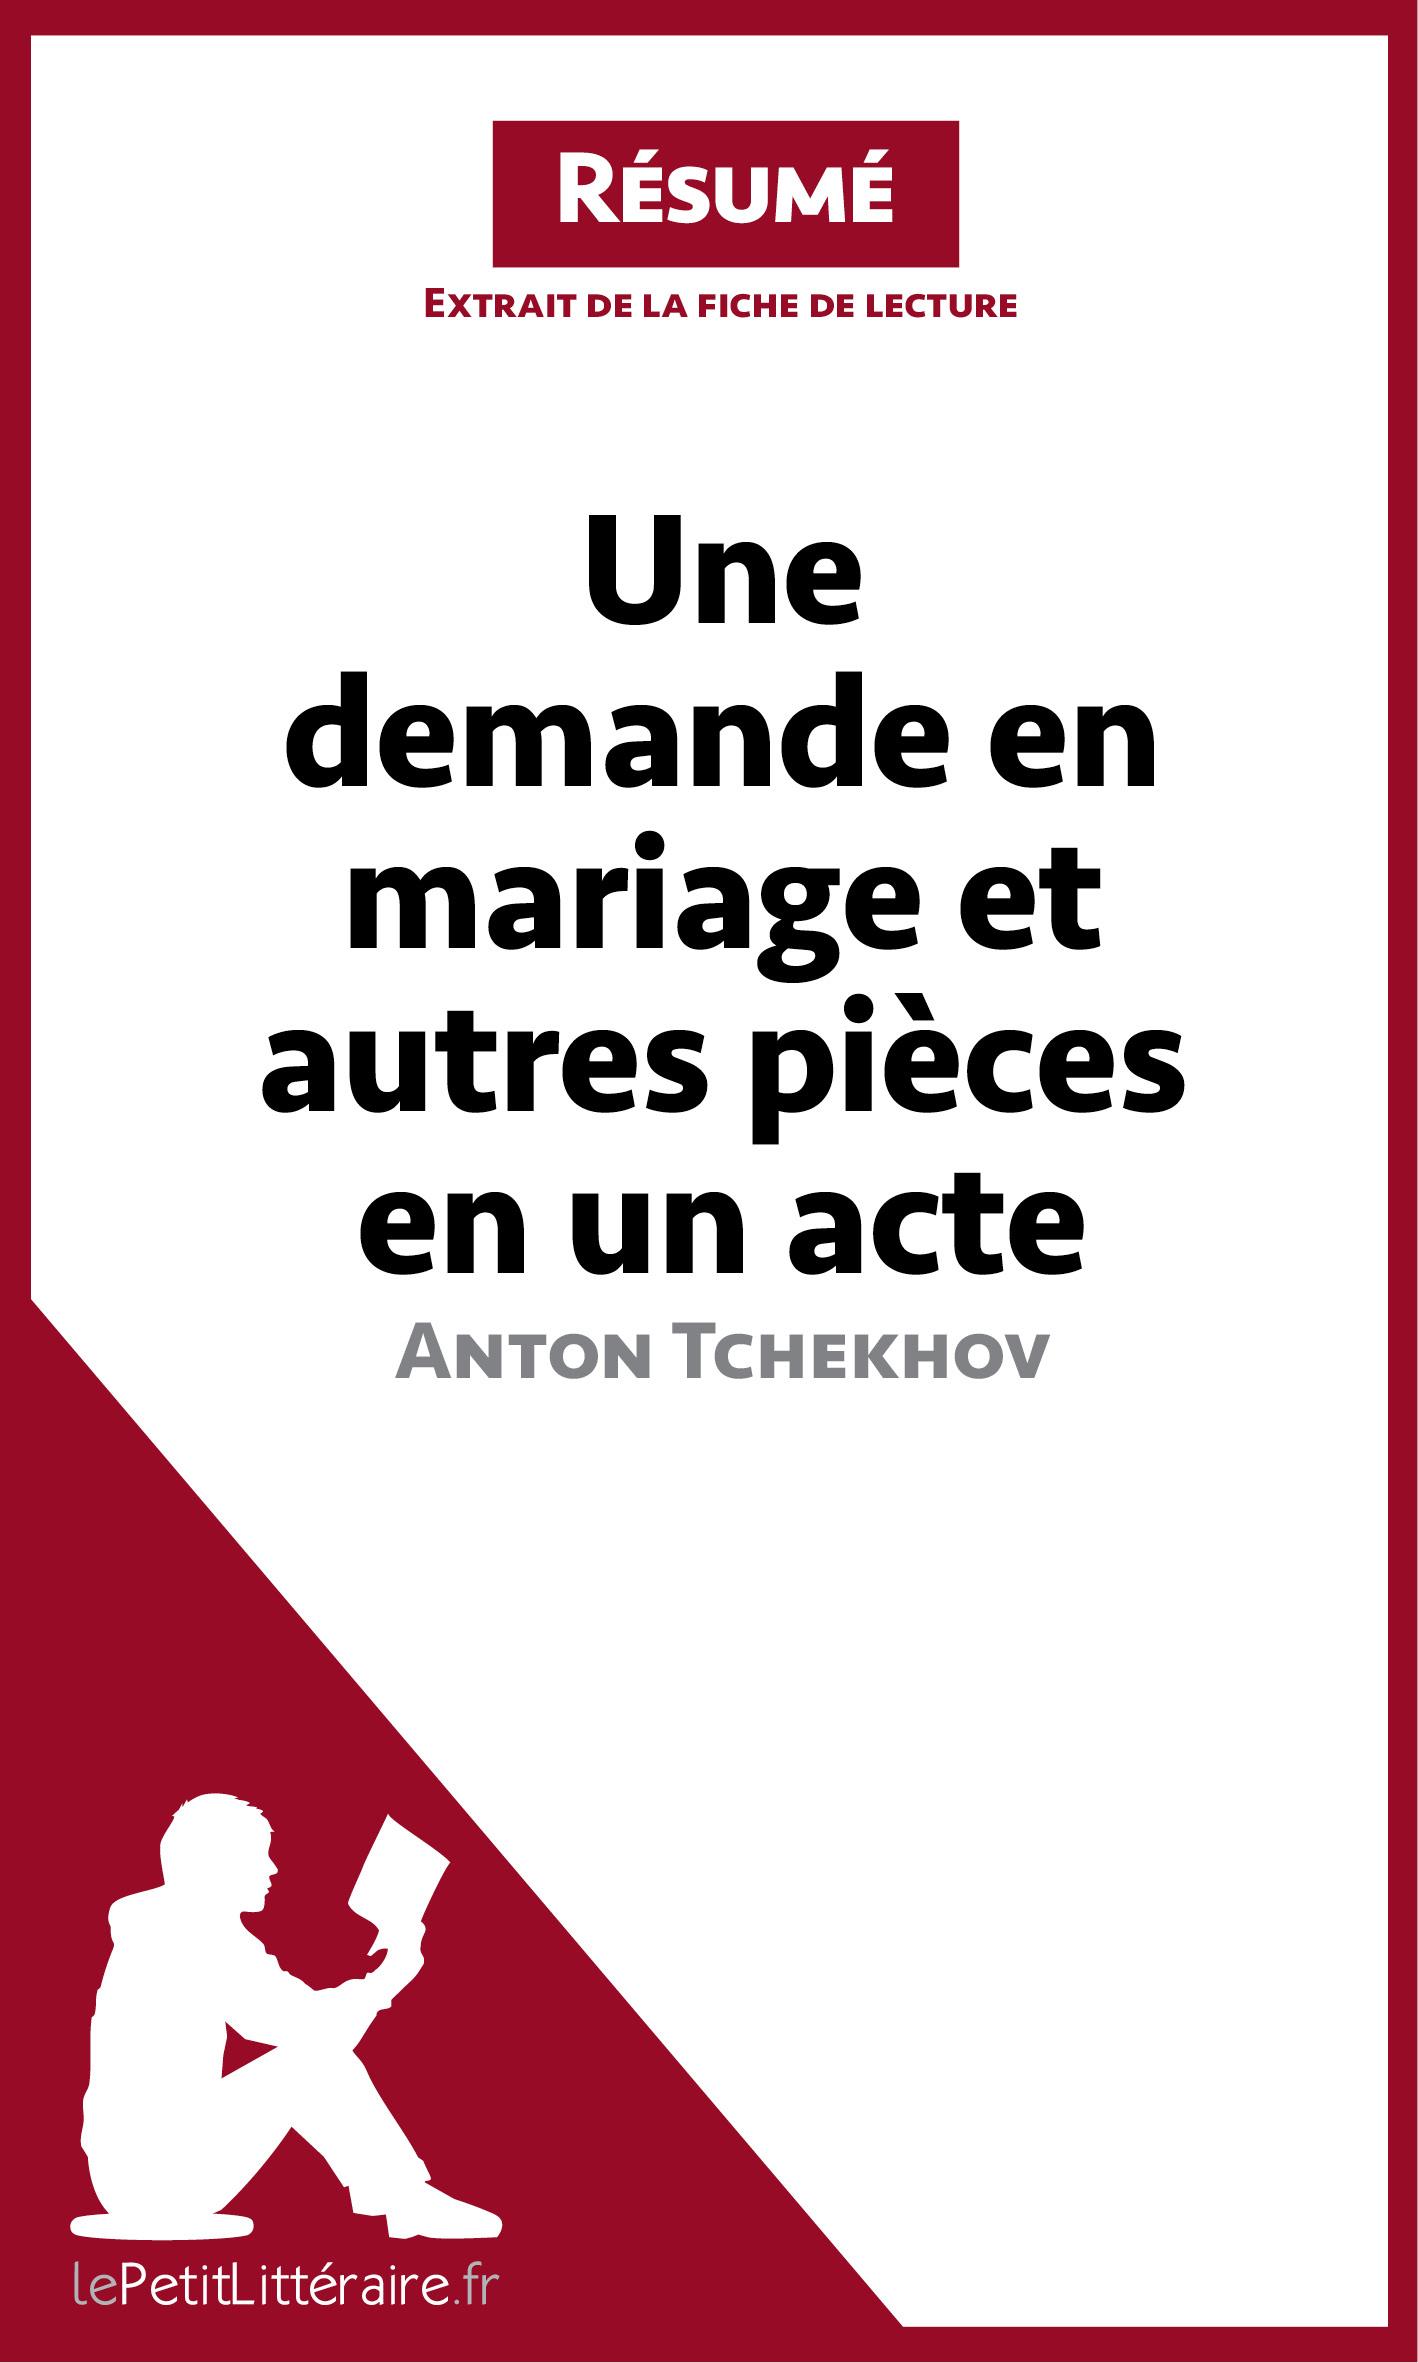 Une demande en mariage et autres pièces en un acte